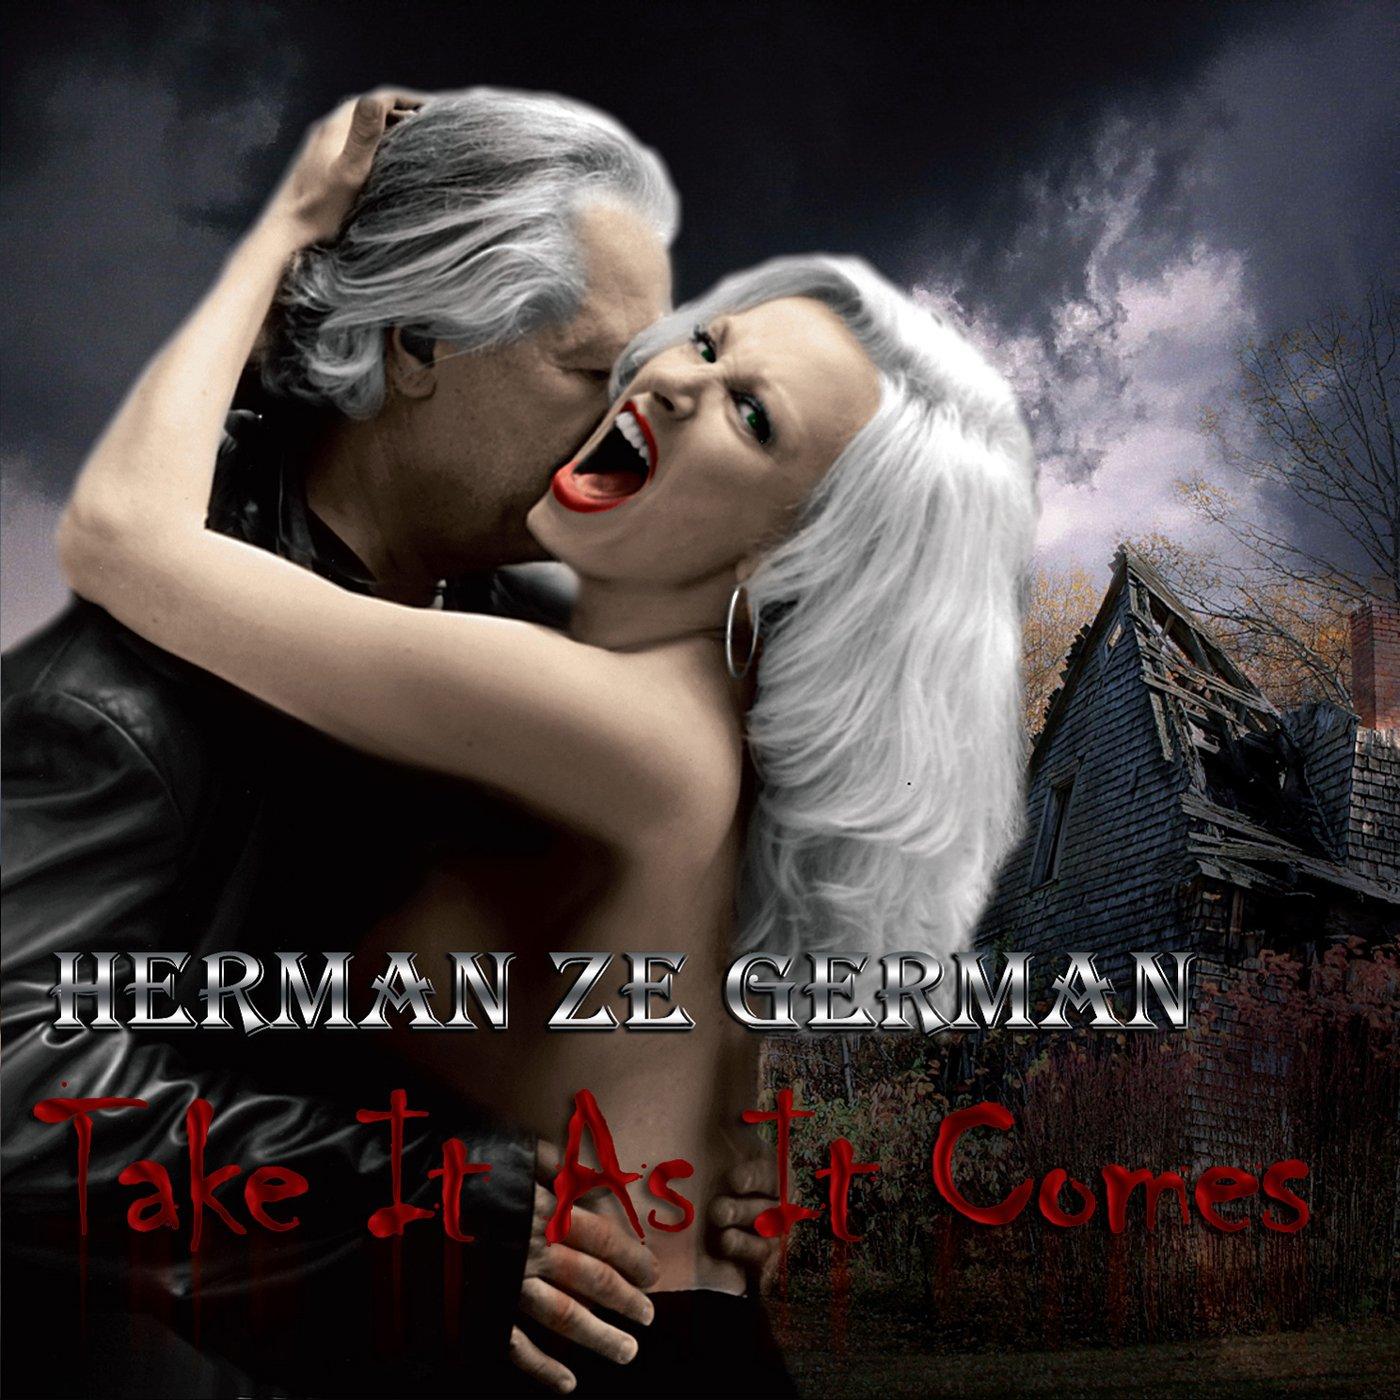 Take It As It Comes by Herman Ze German